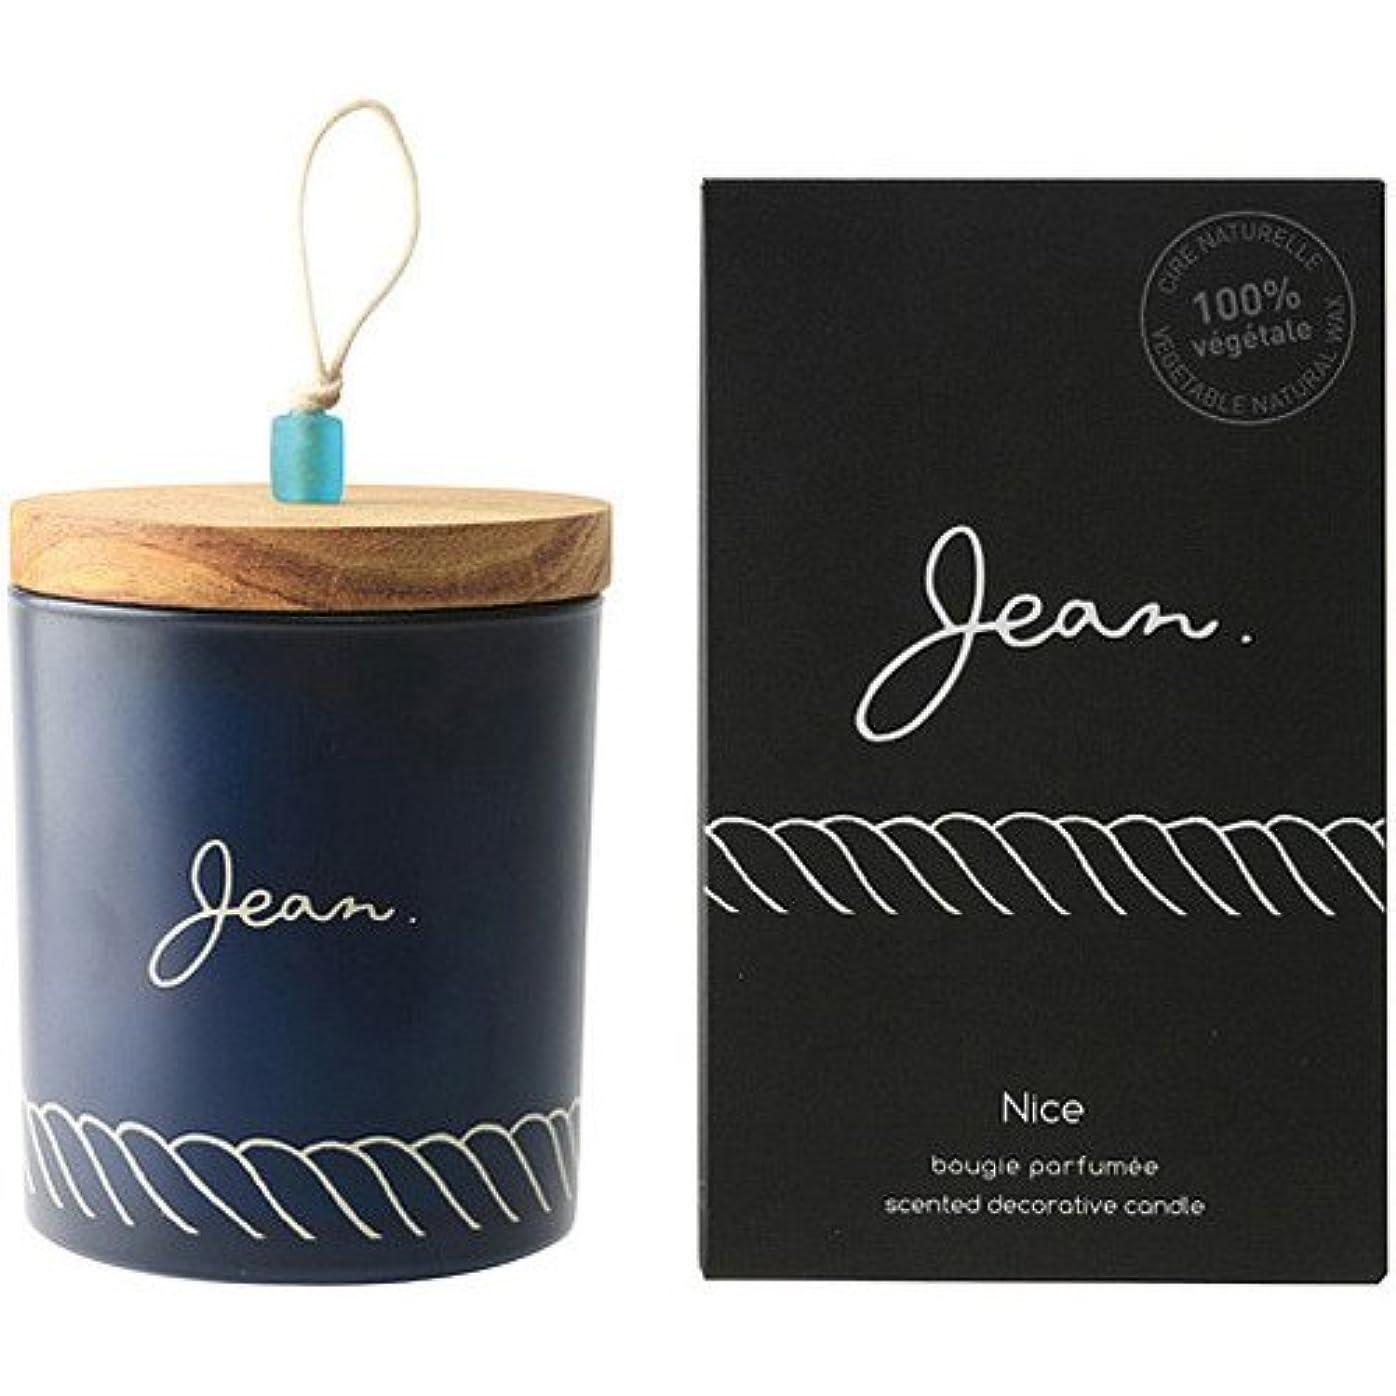 急流魅力的であることへのアピール弱いJean(ジャン) センティッドキャンドル ニース 150g